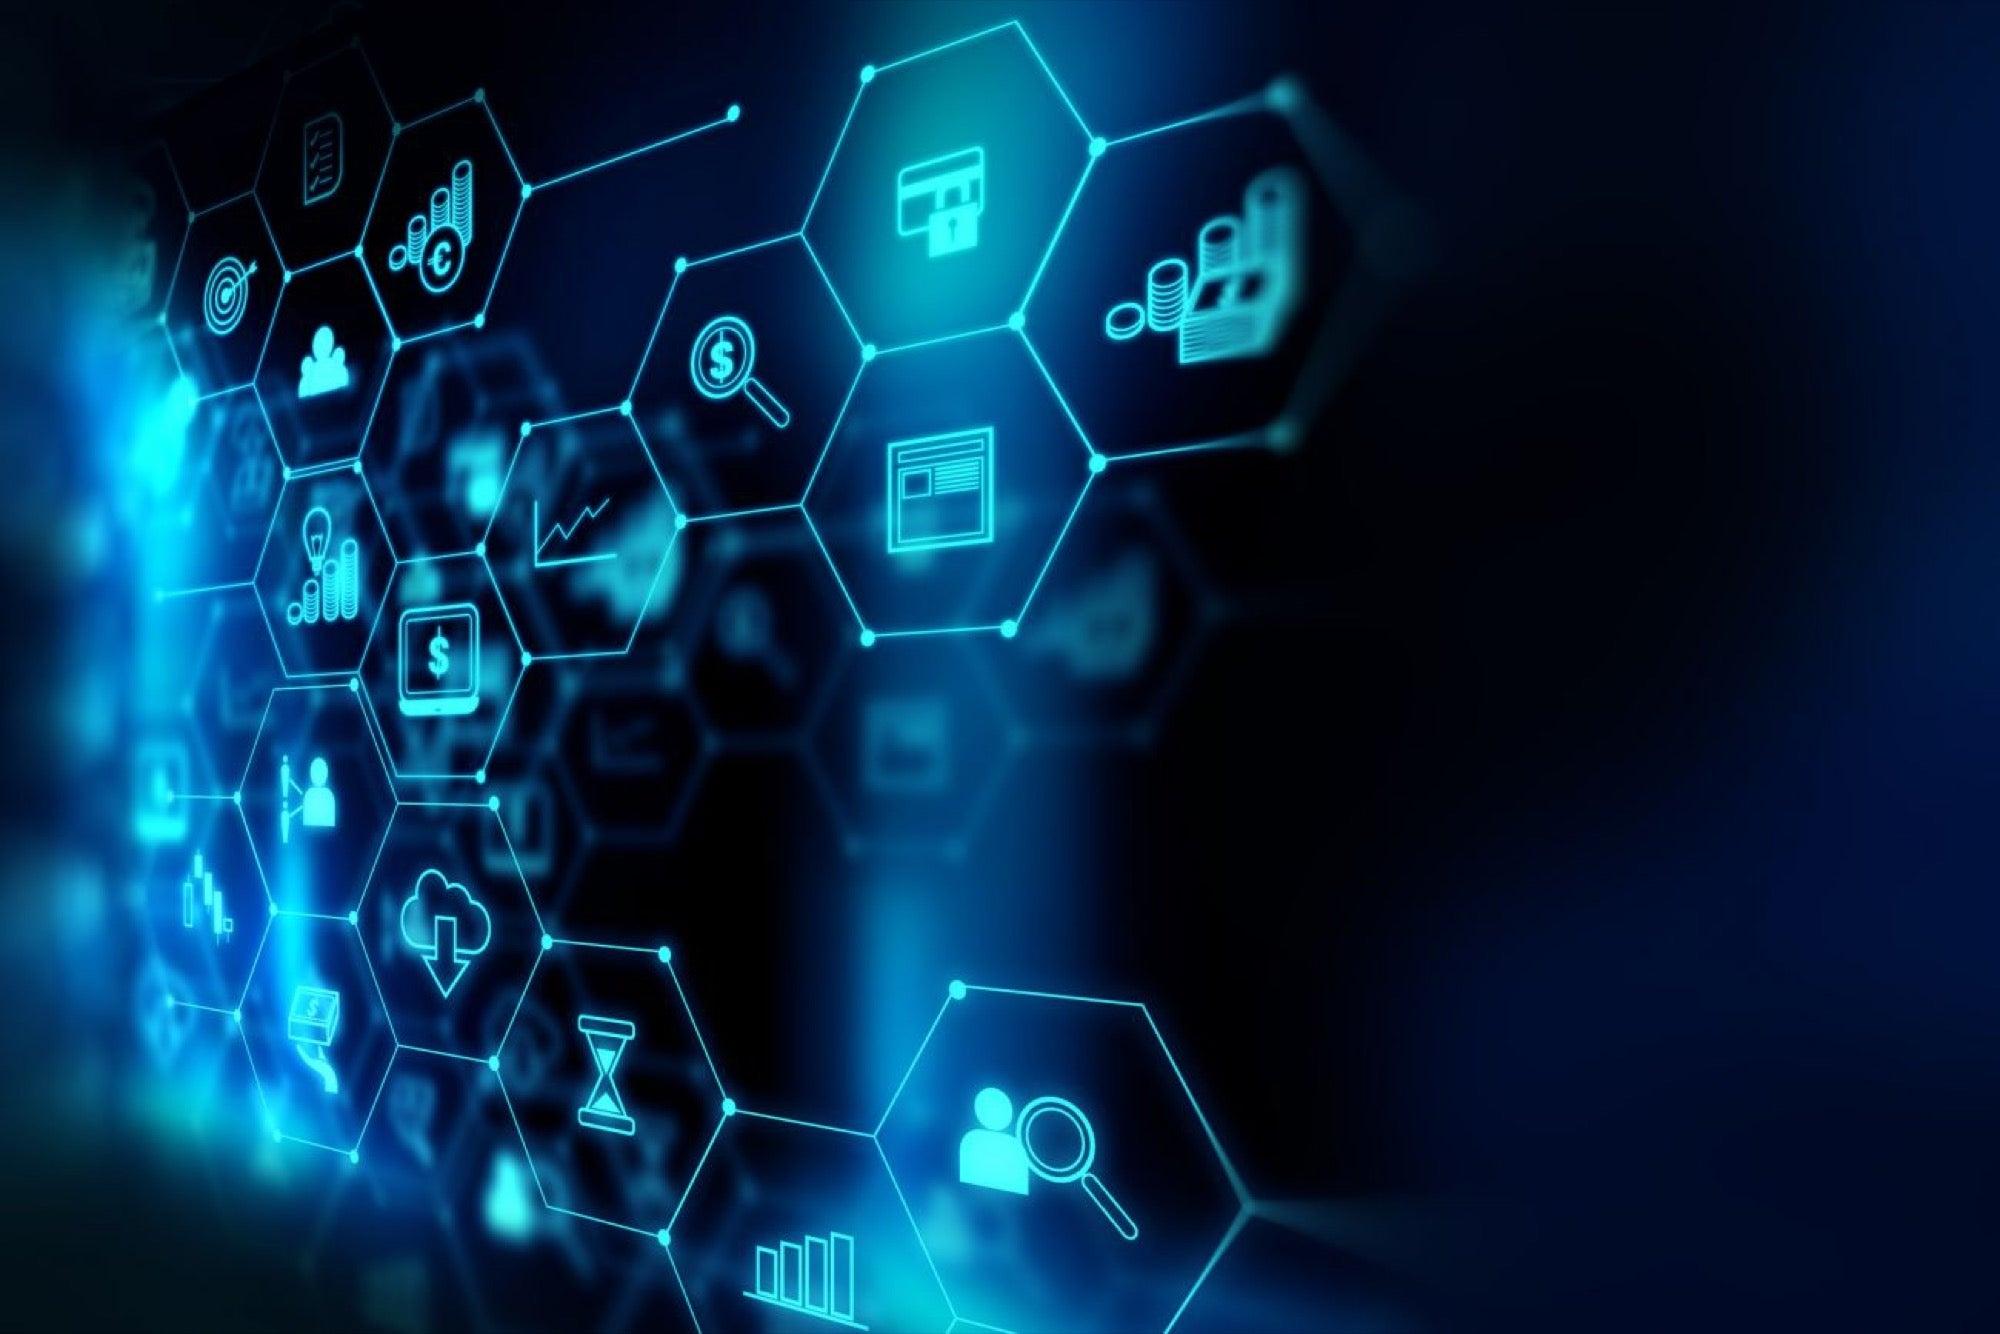 En China, esperan promover la integración blockchain de 30 mil empresas a través de un plan de acción en una provincia